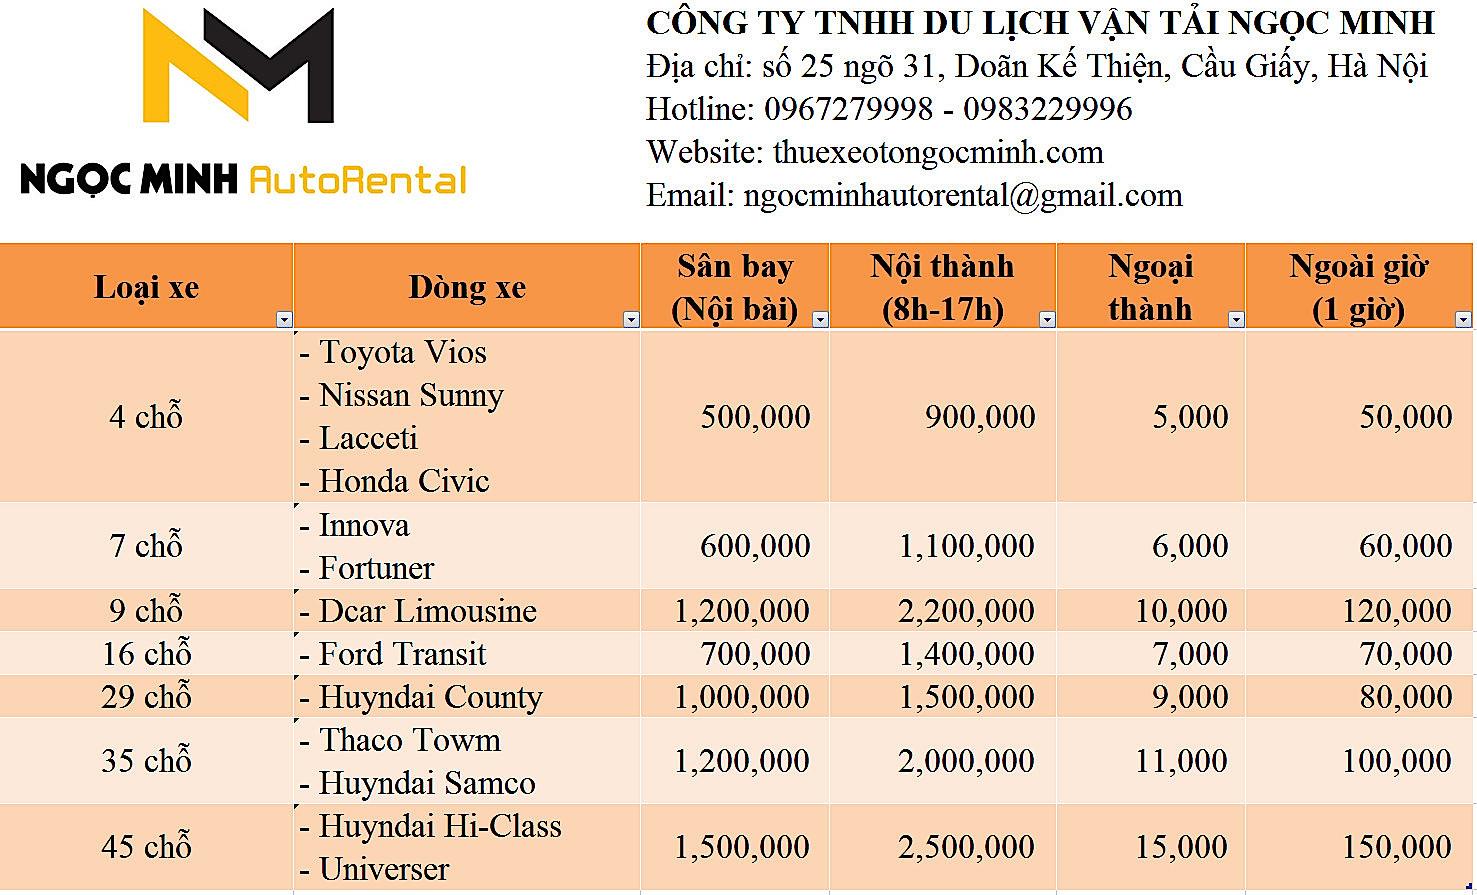 Bảng giá cho thuê xe du lịch Ngọc Minh